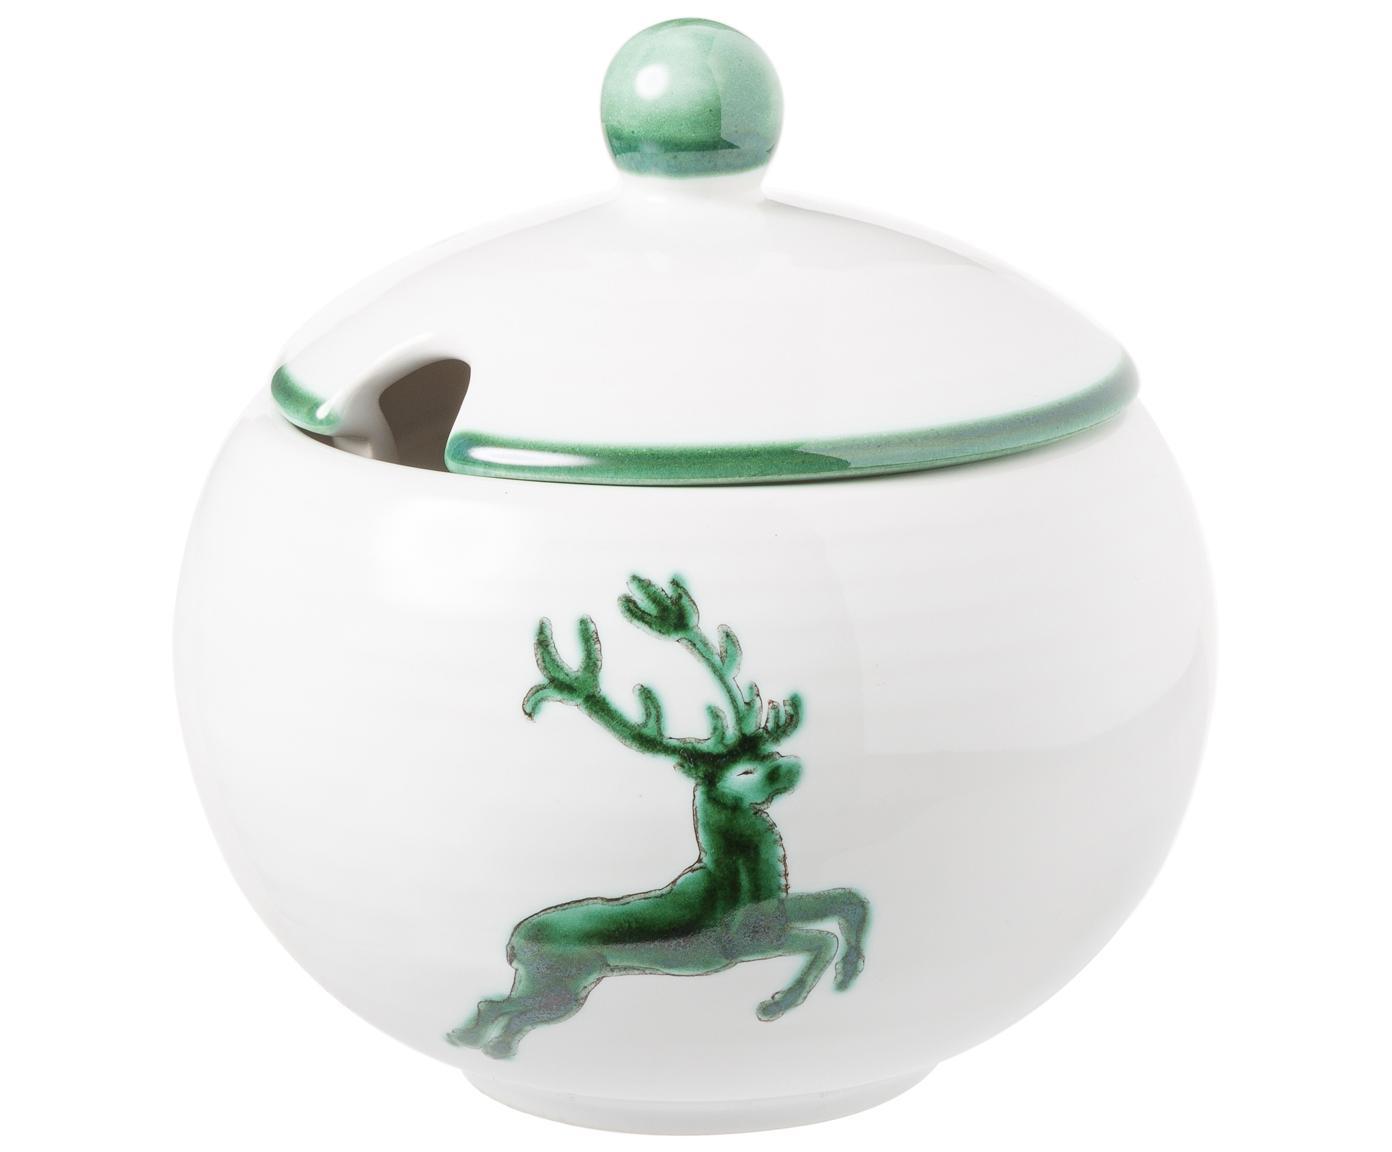 Cukiernica Classic Grüner Hirsch, Ceramika Można myć w zmywarce, nadaje się do mikrofalówki, Biały, Ø 10 cm